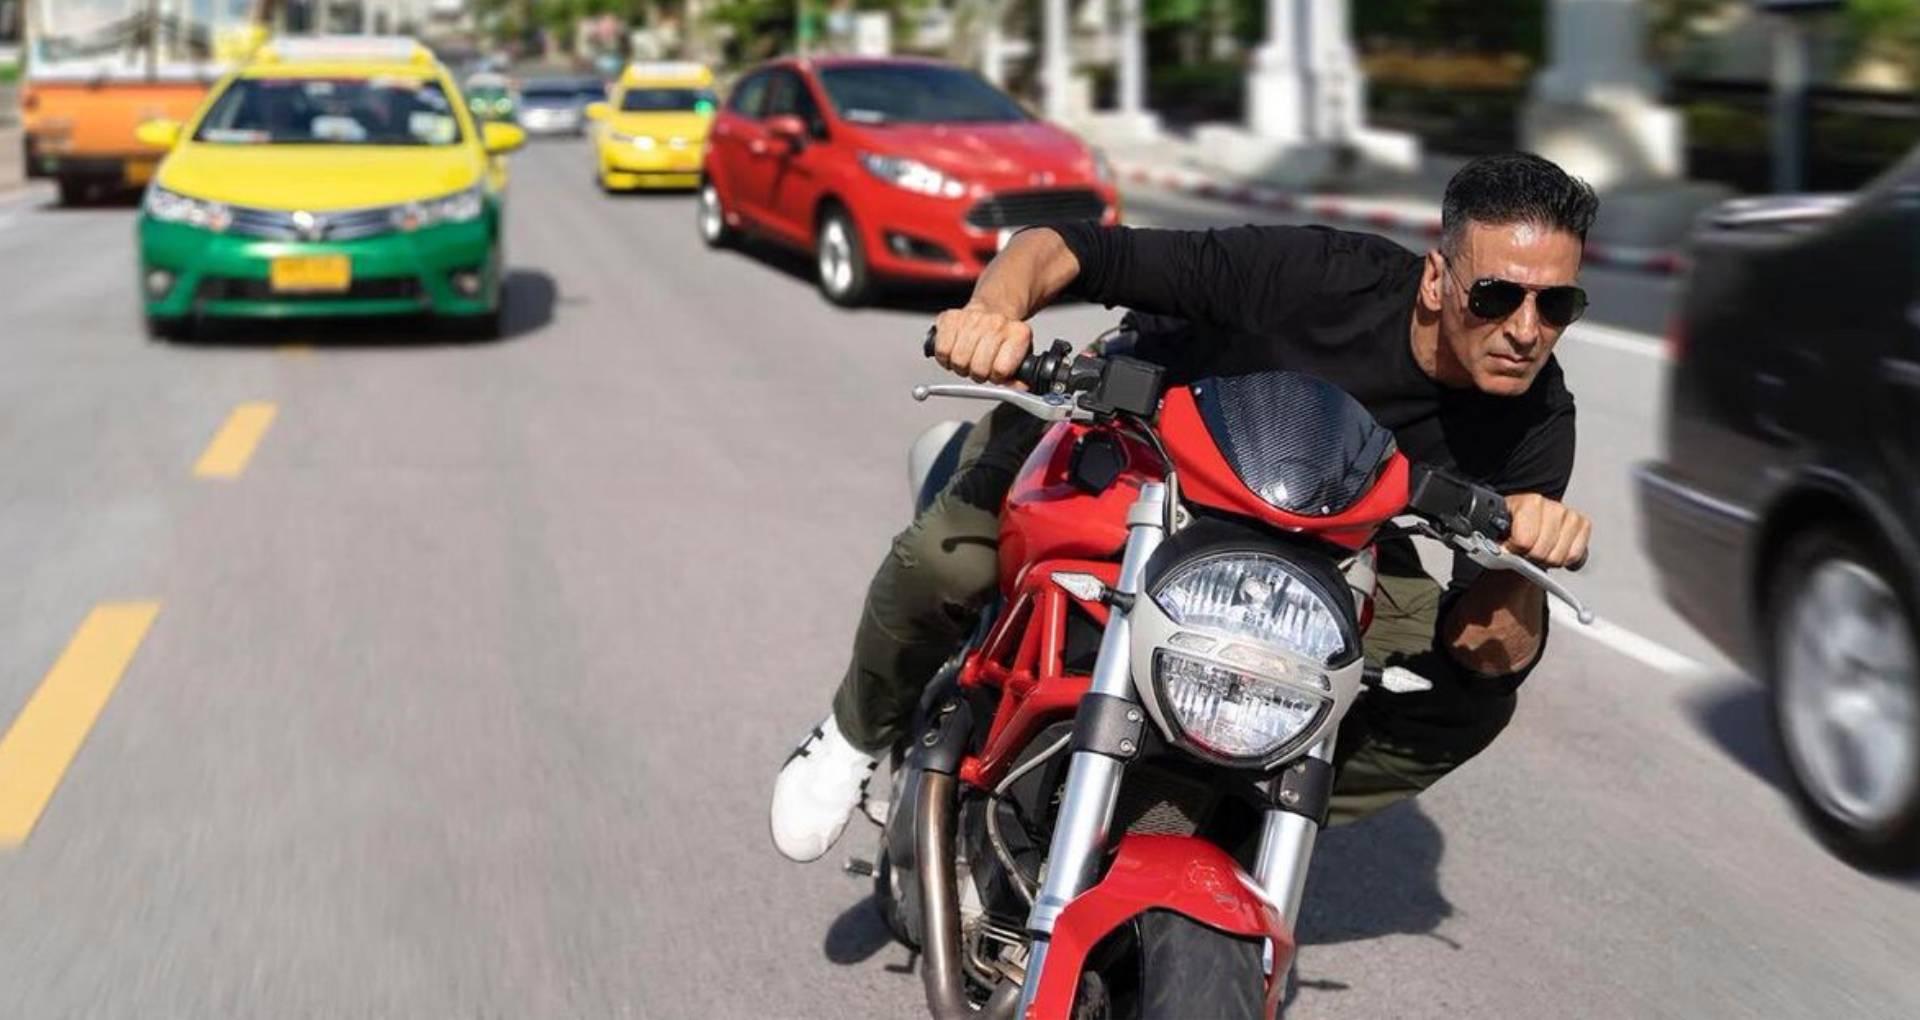 Sooryavanshi: बैंकॉक की गलियों में बाइक स्टंट करते दिखे अक्षय कुमार, बॉलीवुड खिलाड़ी का इस सीन से है ये रिश्ता